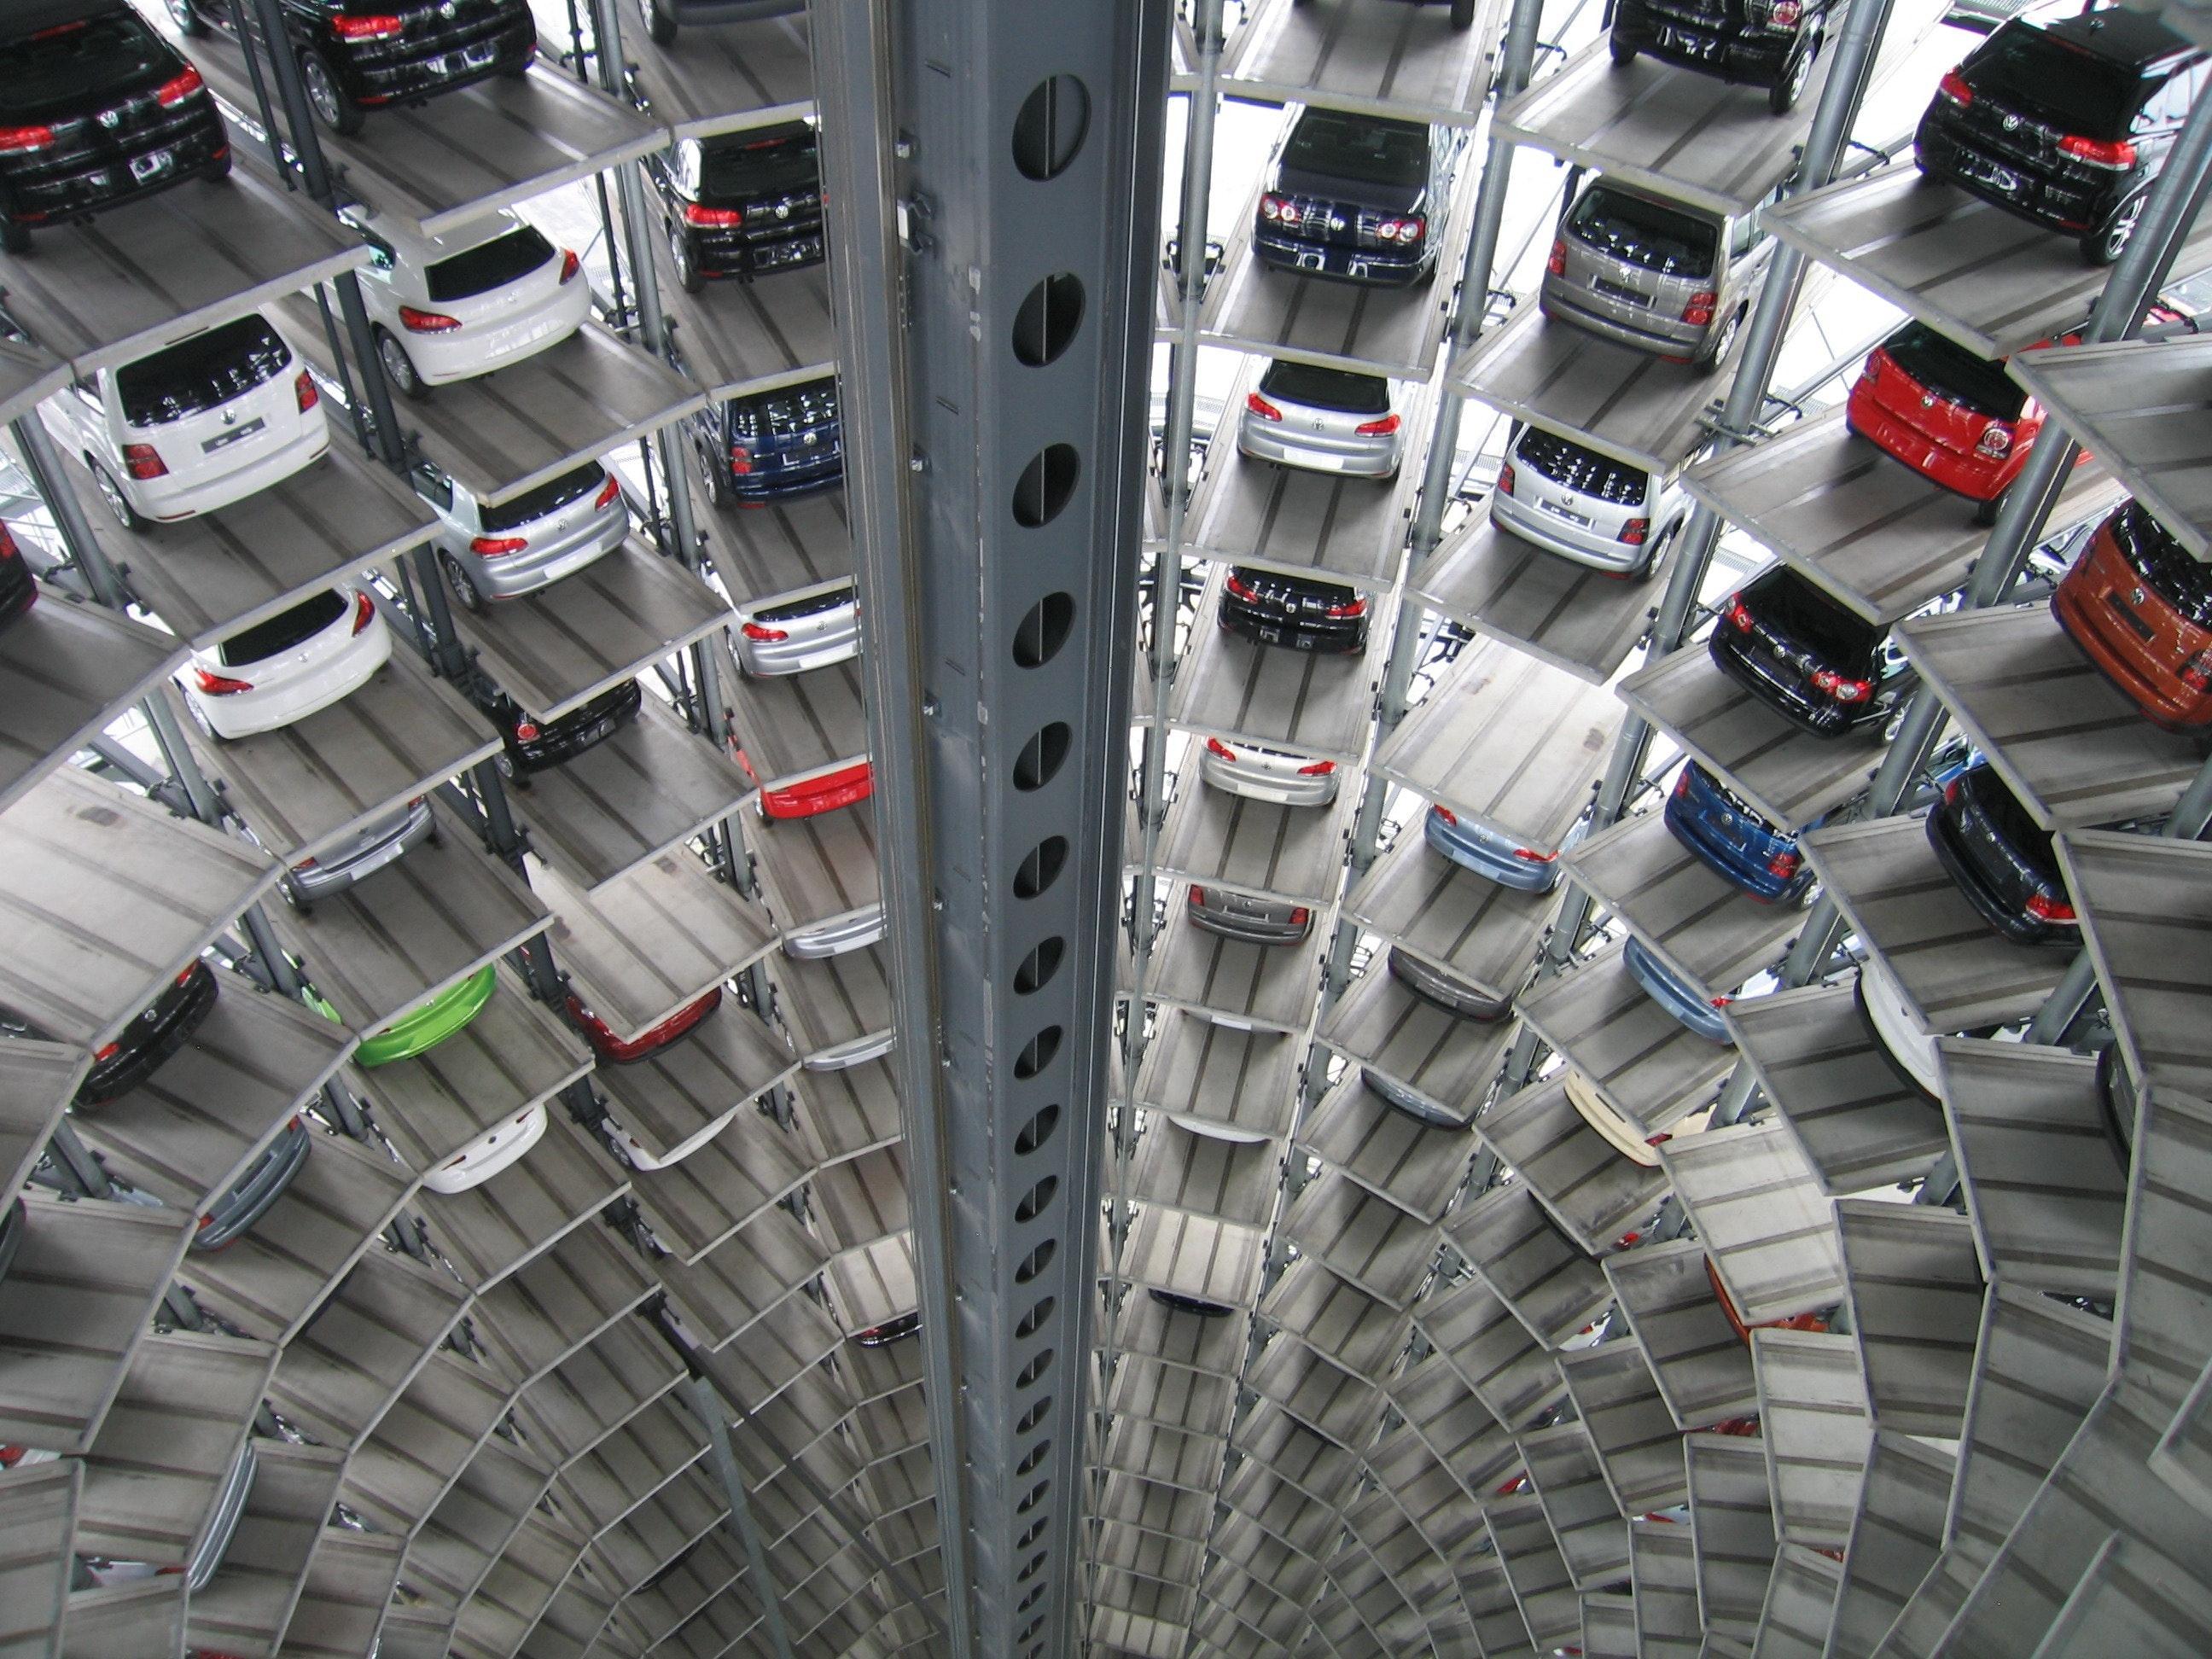 Europos Sąjungoje naujų automobilių pardavimai sumažėjo 19 proc.